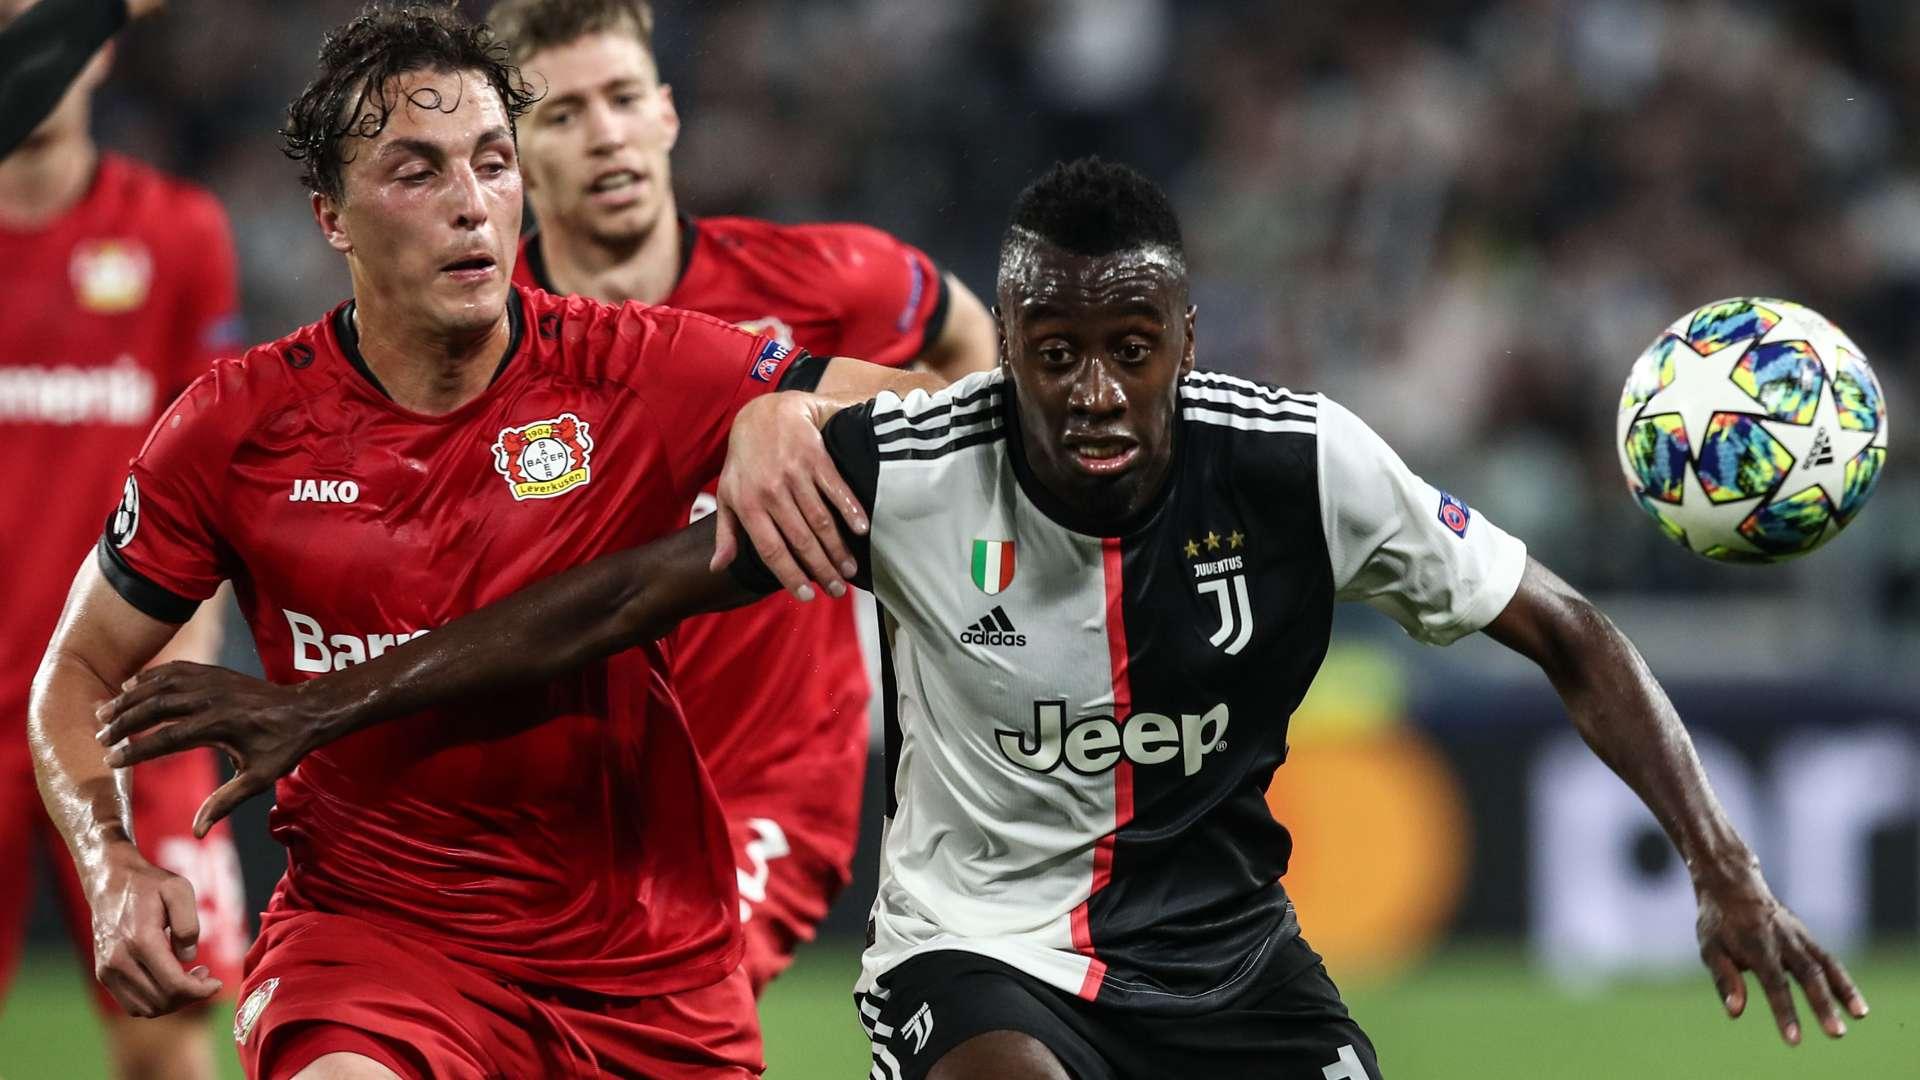 Atletico Madrid Vs Bayer Leverkusen Heute Live Im Tv Und Live Stream Sehen Die übertragung Der Champions League Heute Goal Com